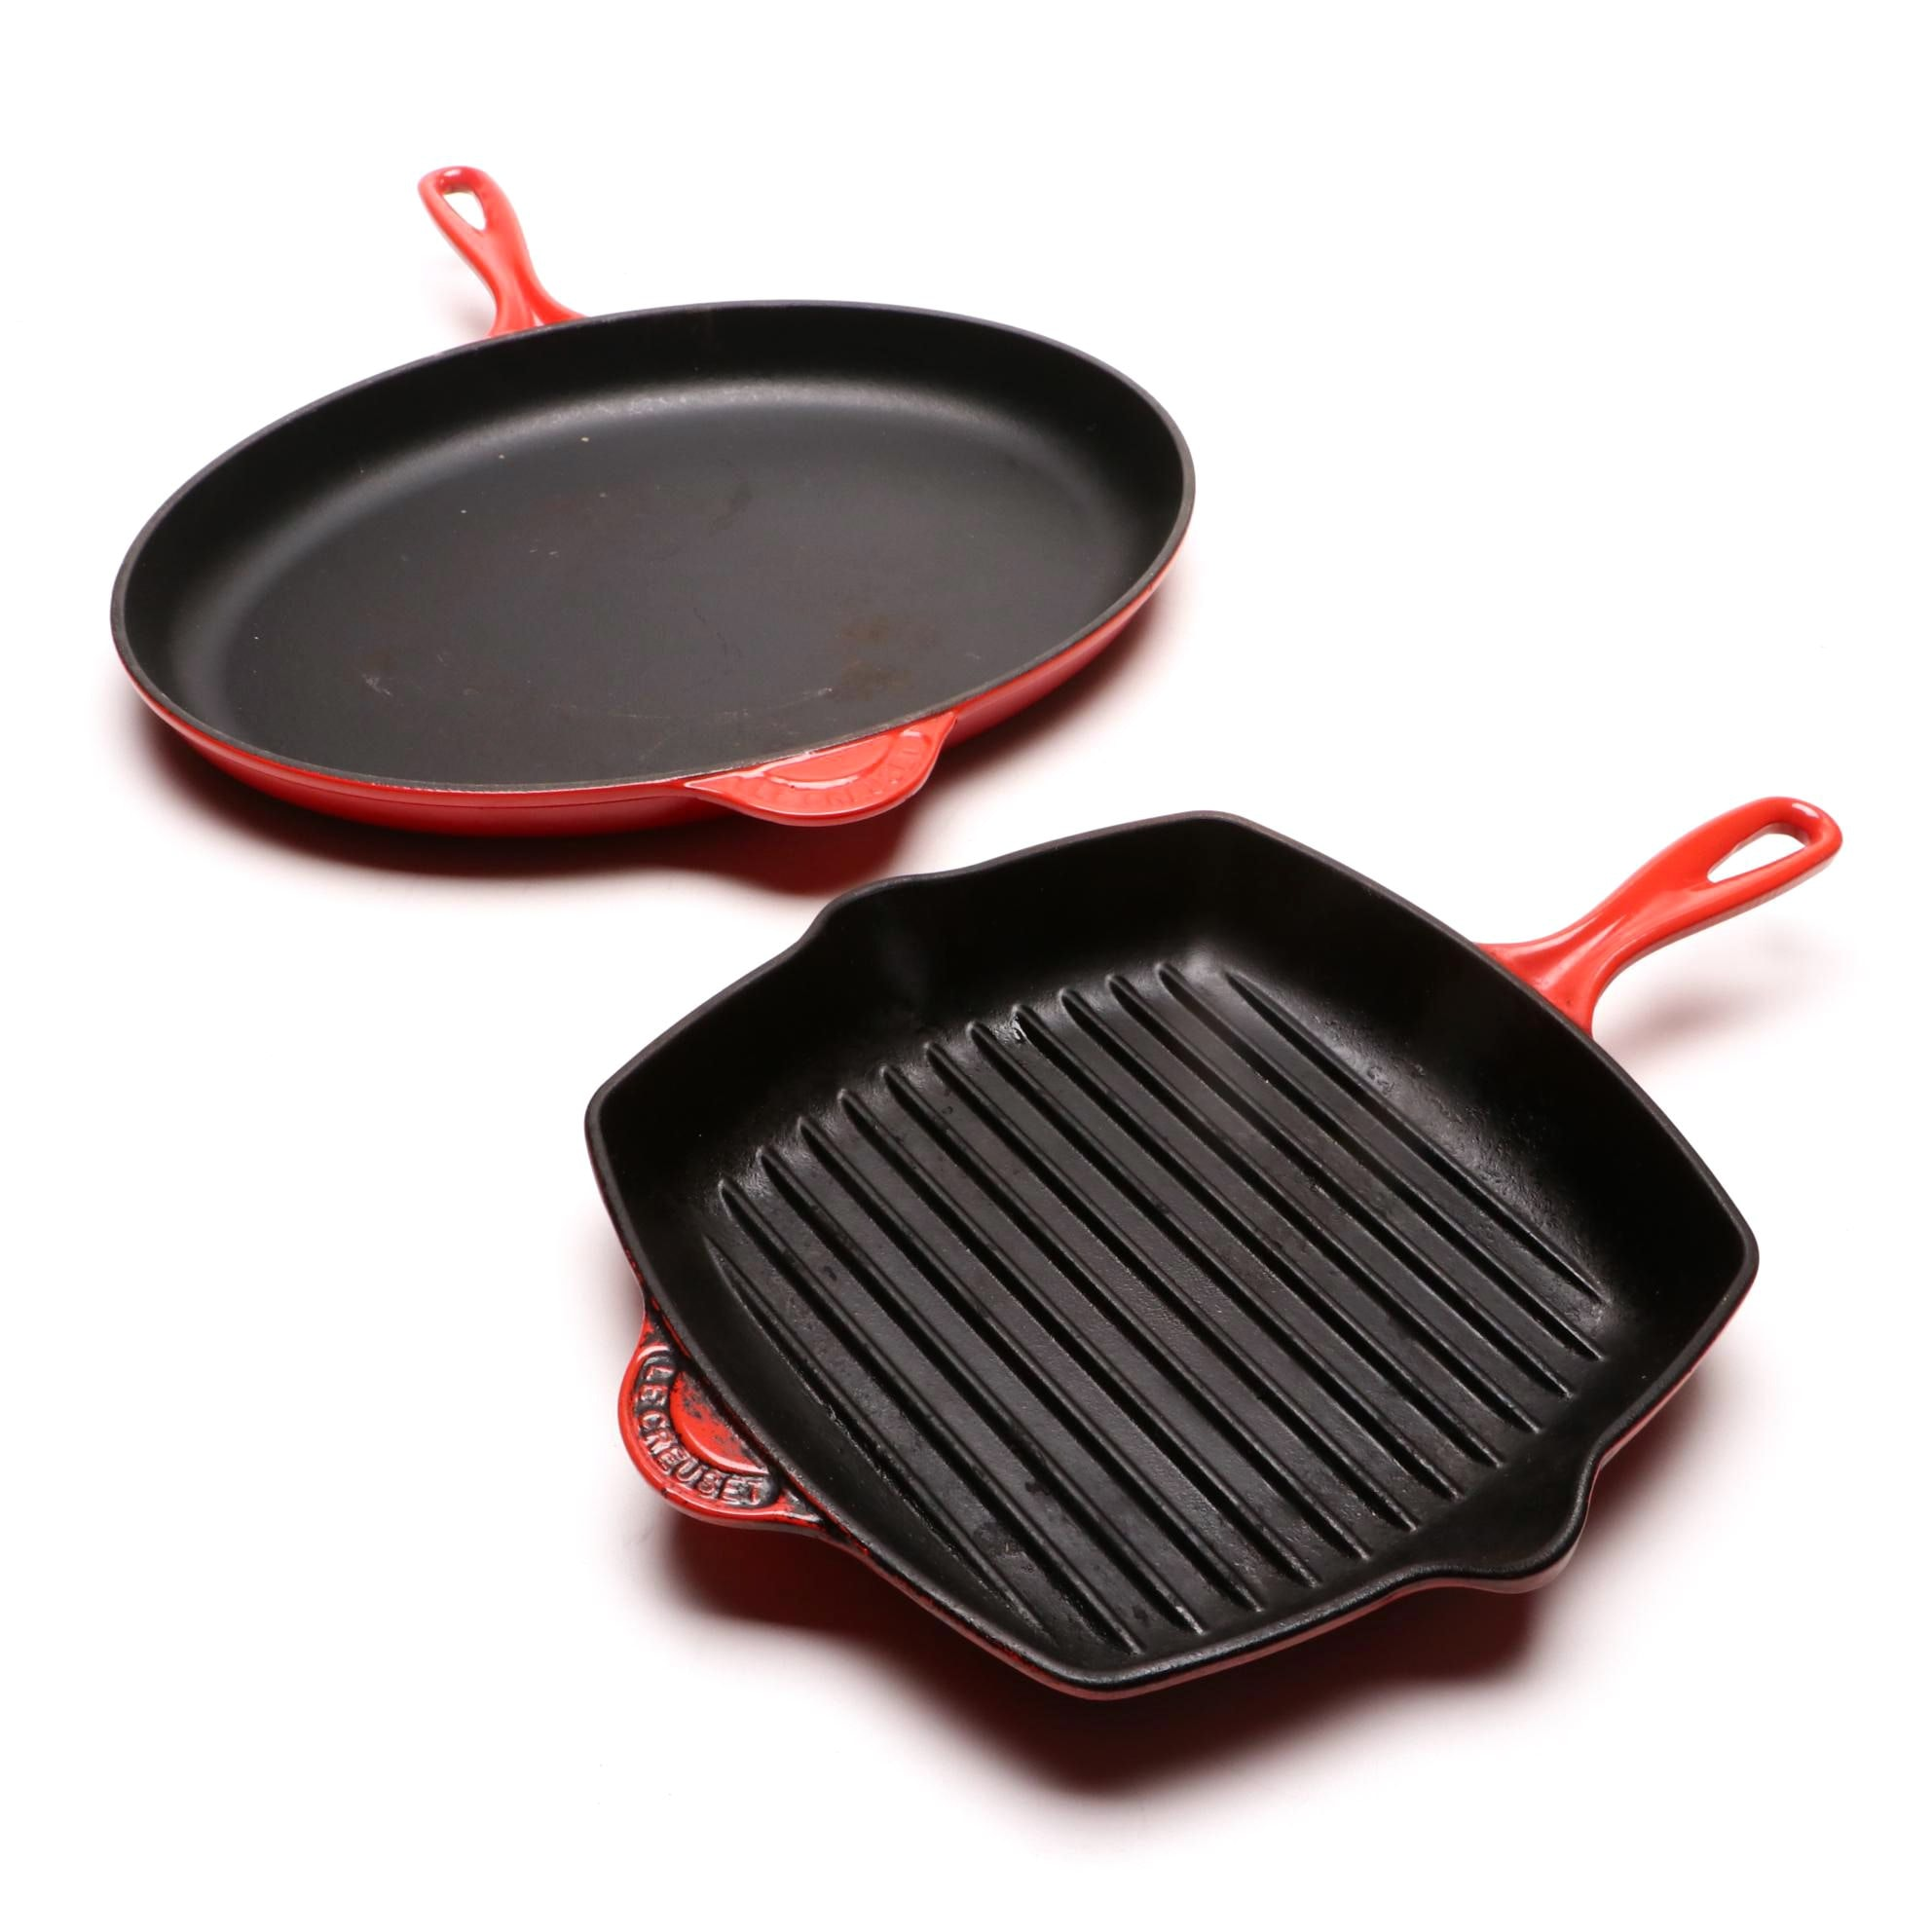 Le Creuset Enameled Cast Iron Pans